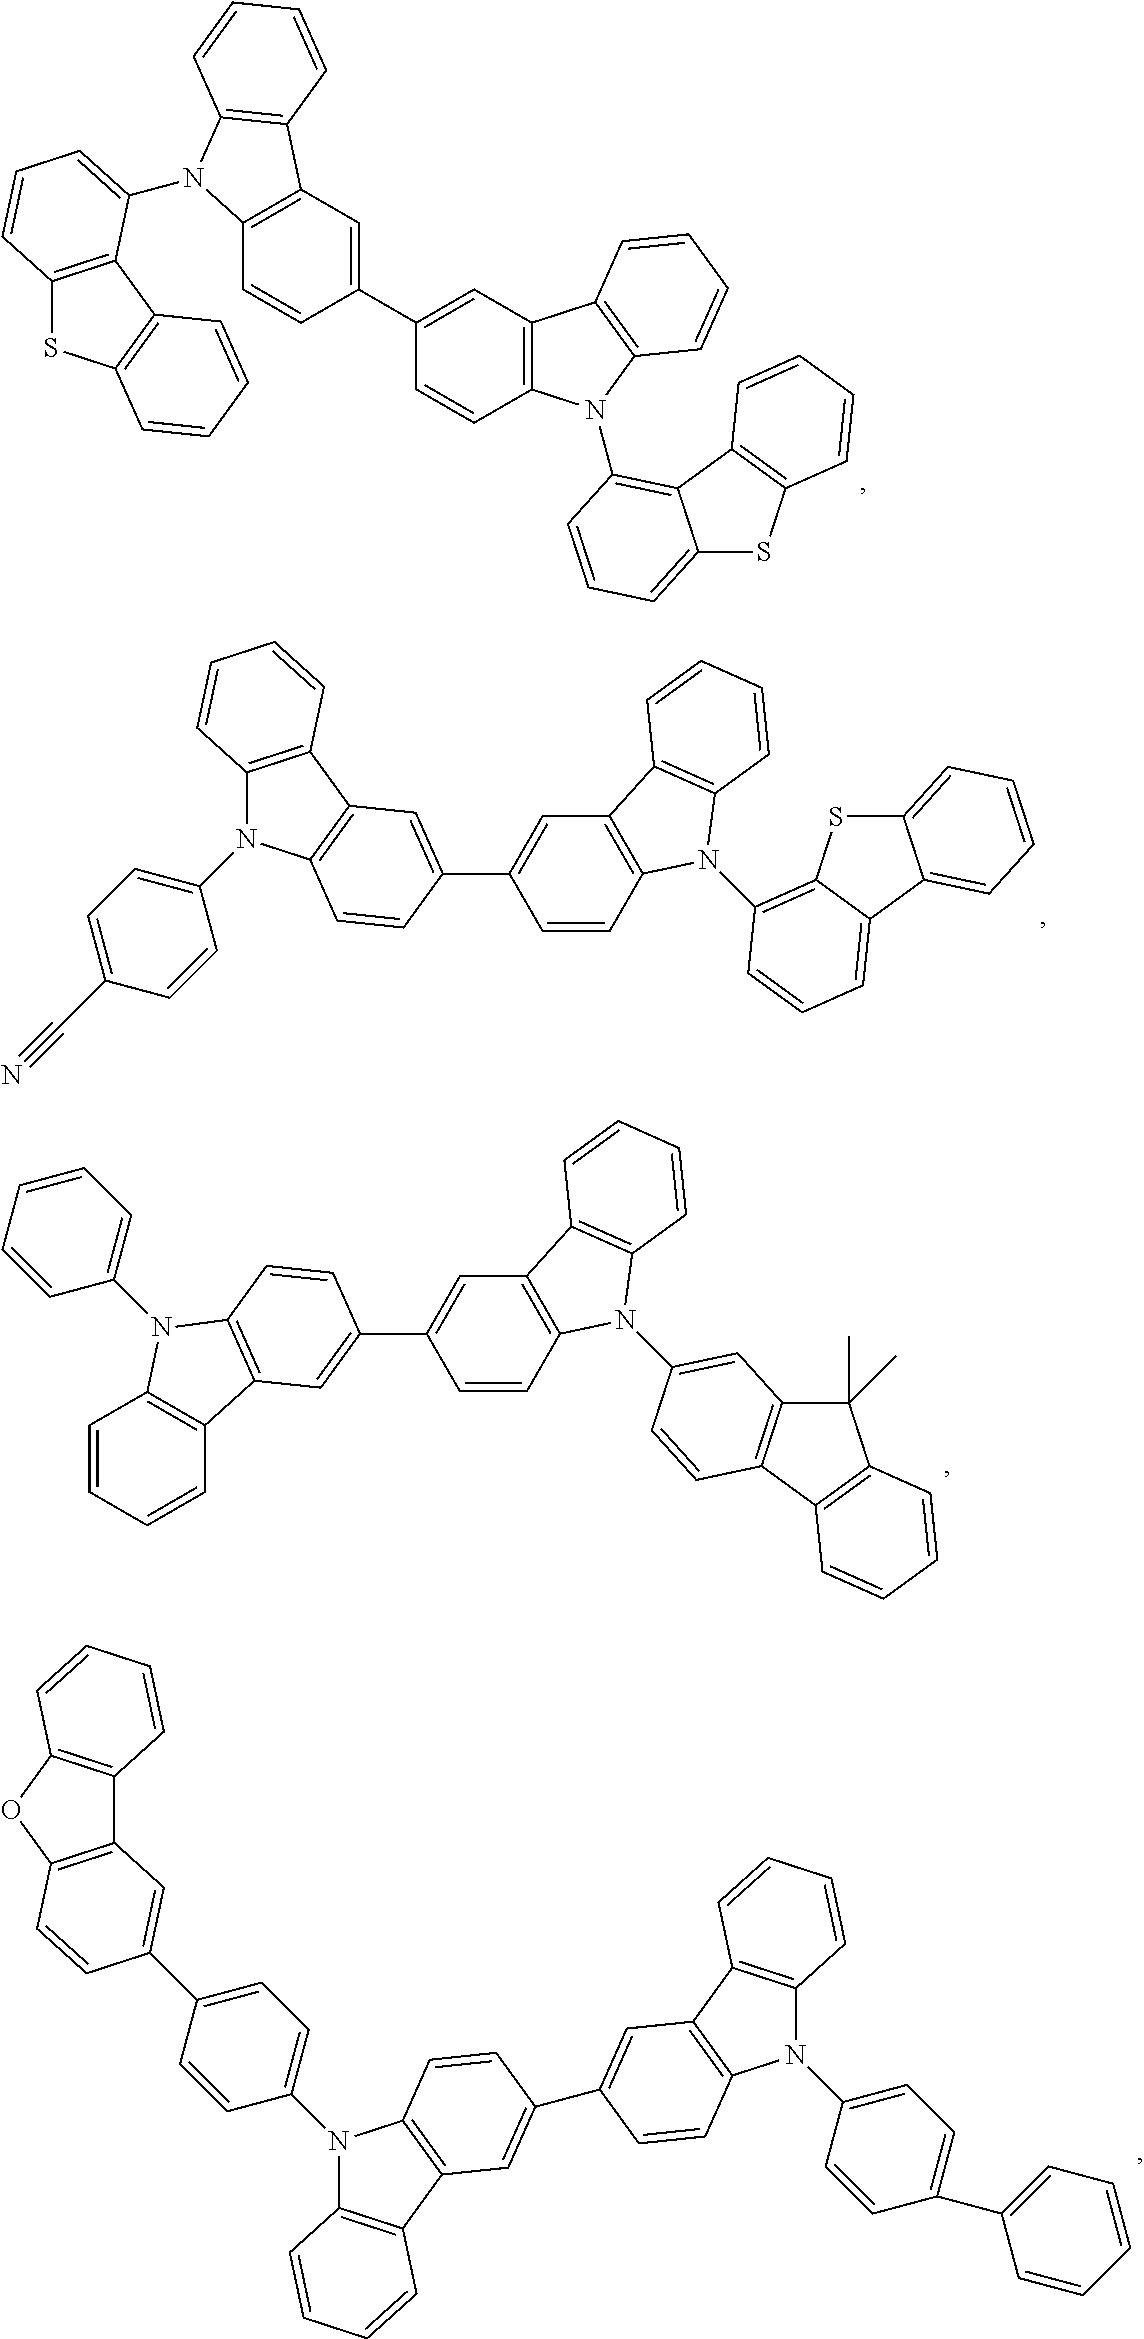 Figure US20180130962A1-20180510-C00169